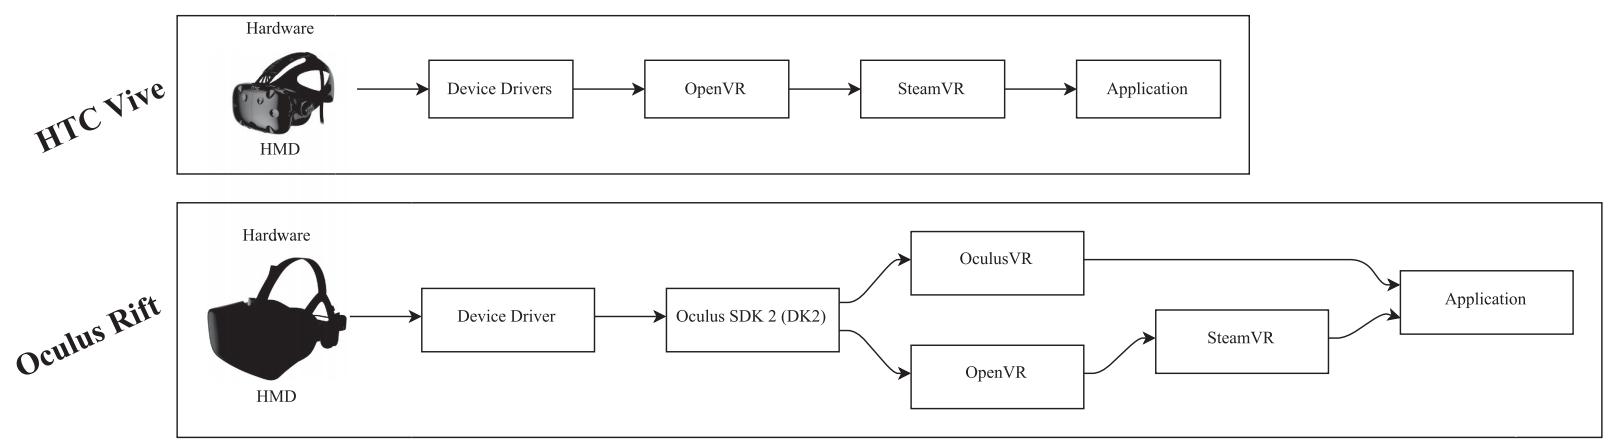 针对沉浸式VR系统的虚拟环境操纵攻击插图1